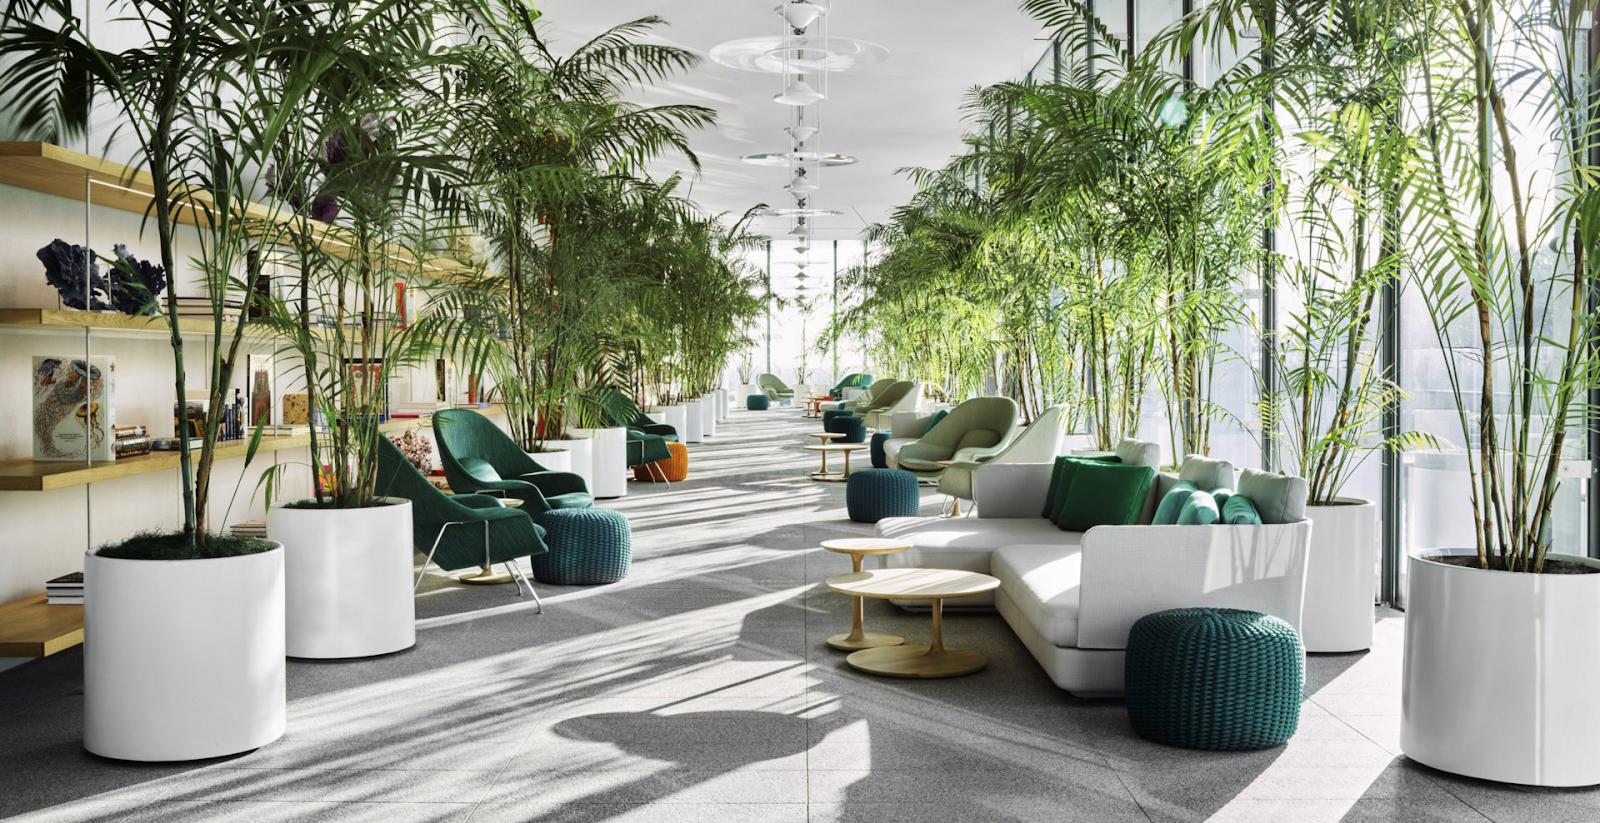 Lựa chọn nội thất Kenli trở thành giải pháp sáng tạo làm nổi bật không gian sống